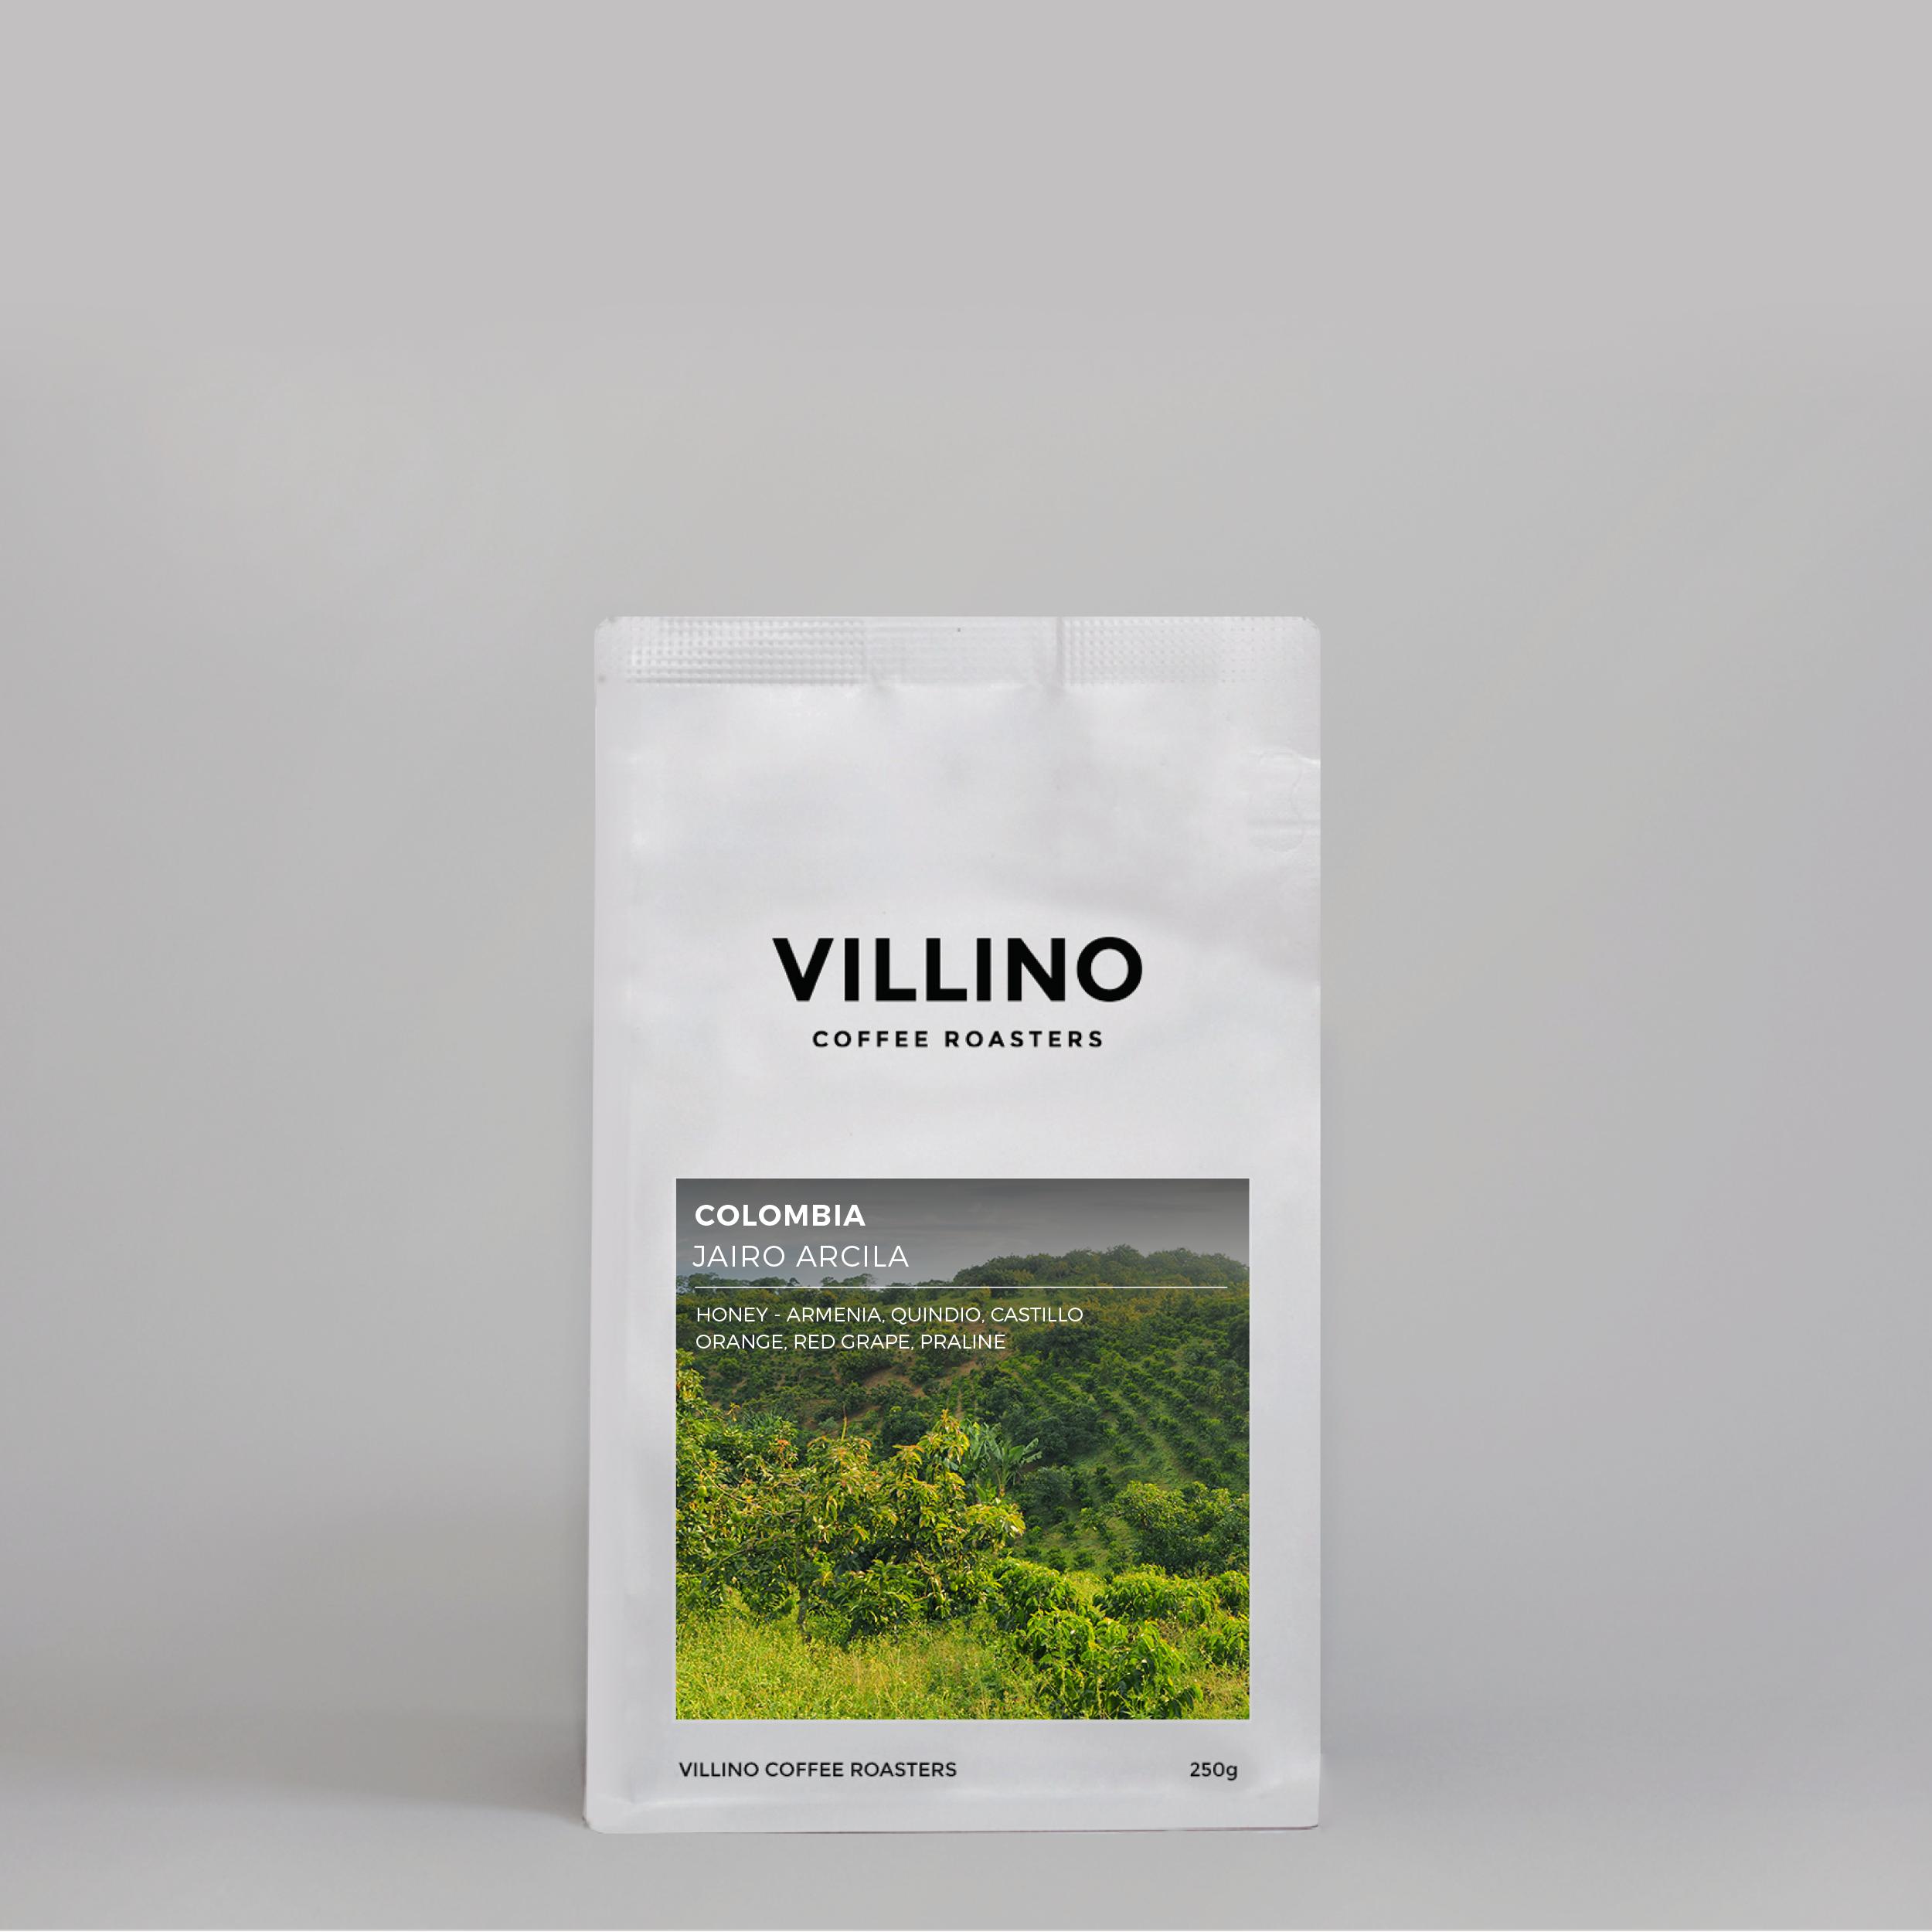 Villino_Retail Bag Templates_600x600px_Jairo Arcila.png